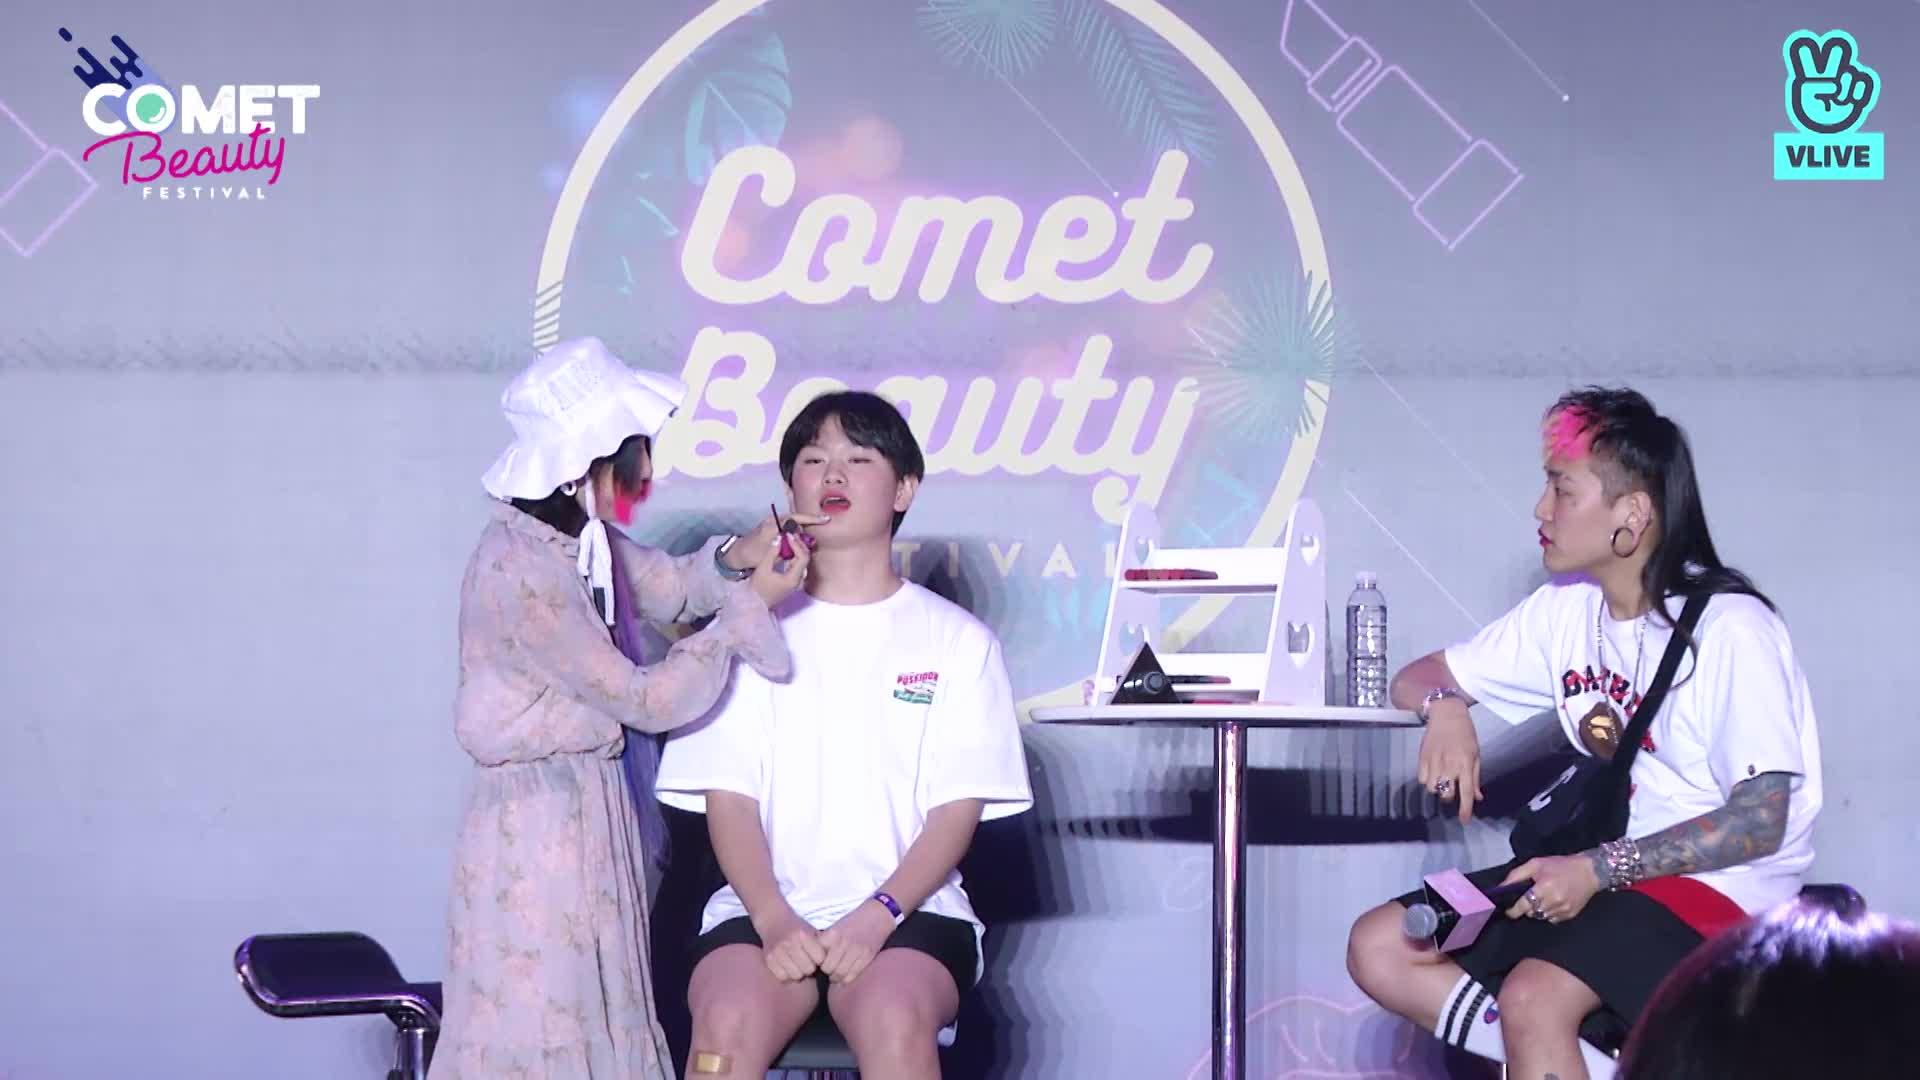 곽토리&려리<명란립대잔치> - Comet Beauty Festival 커밋뷰티페스티벌